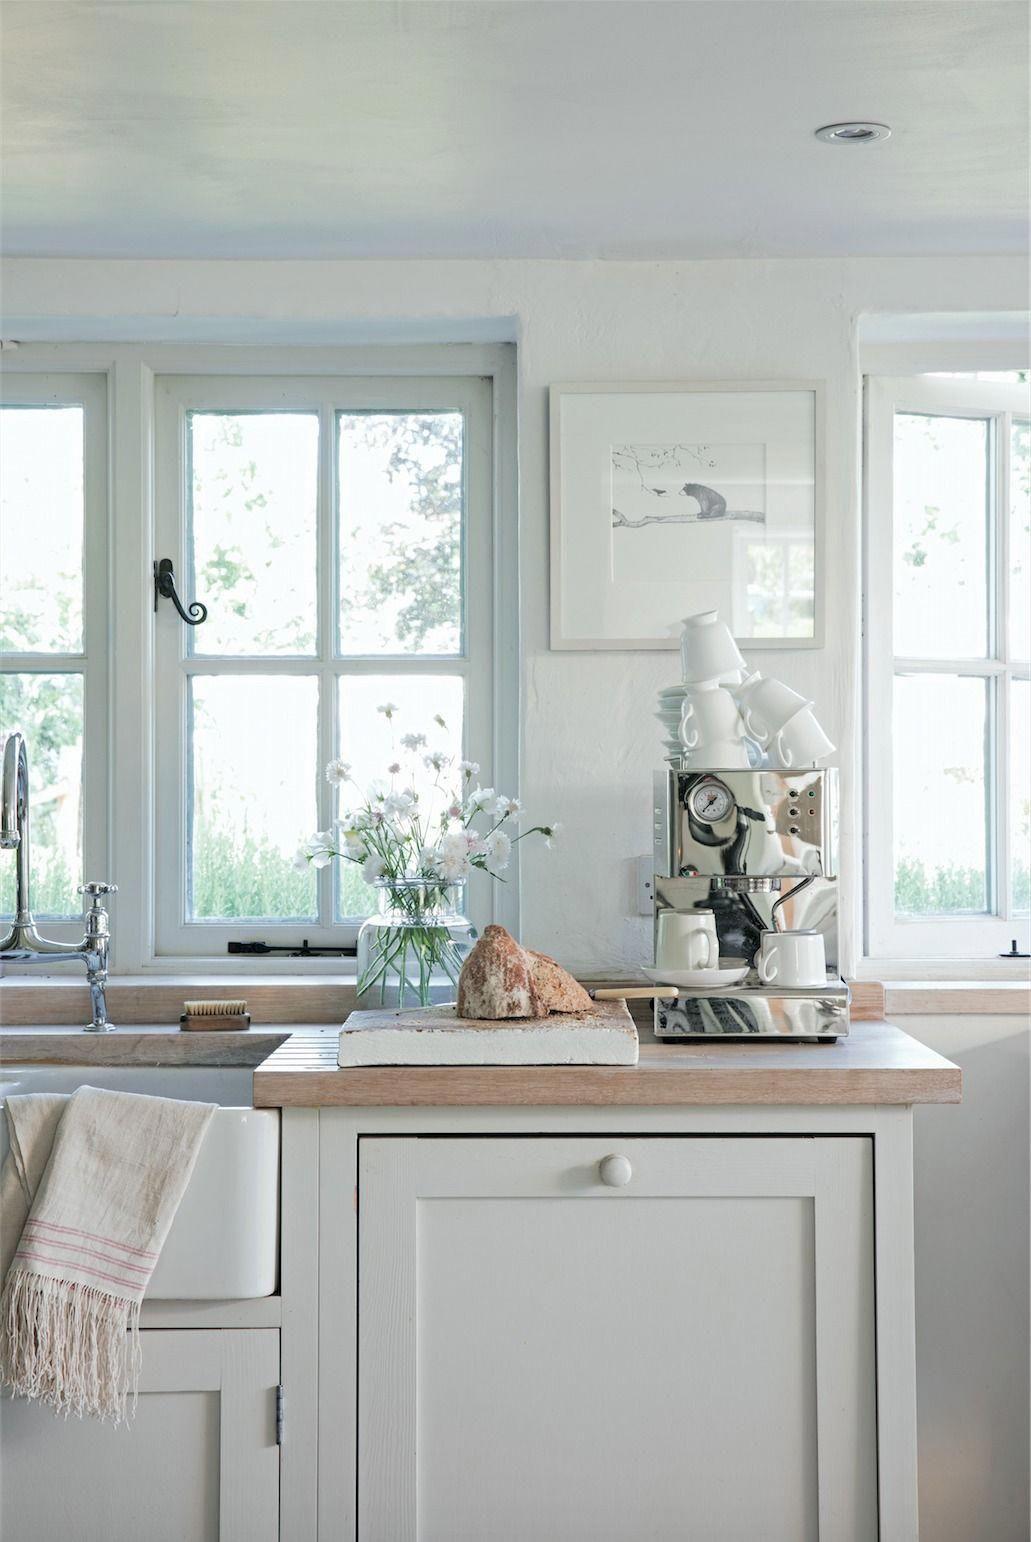 Best Kitchen Appliance Brand Reddit